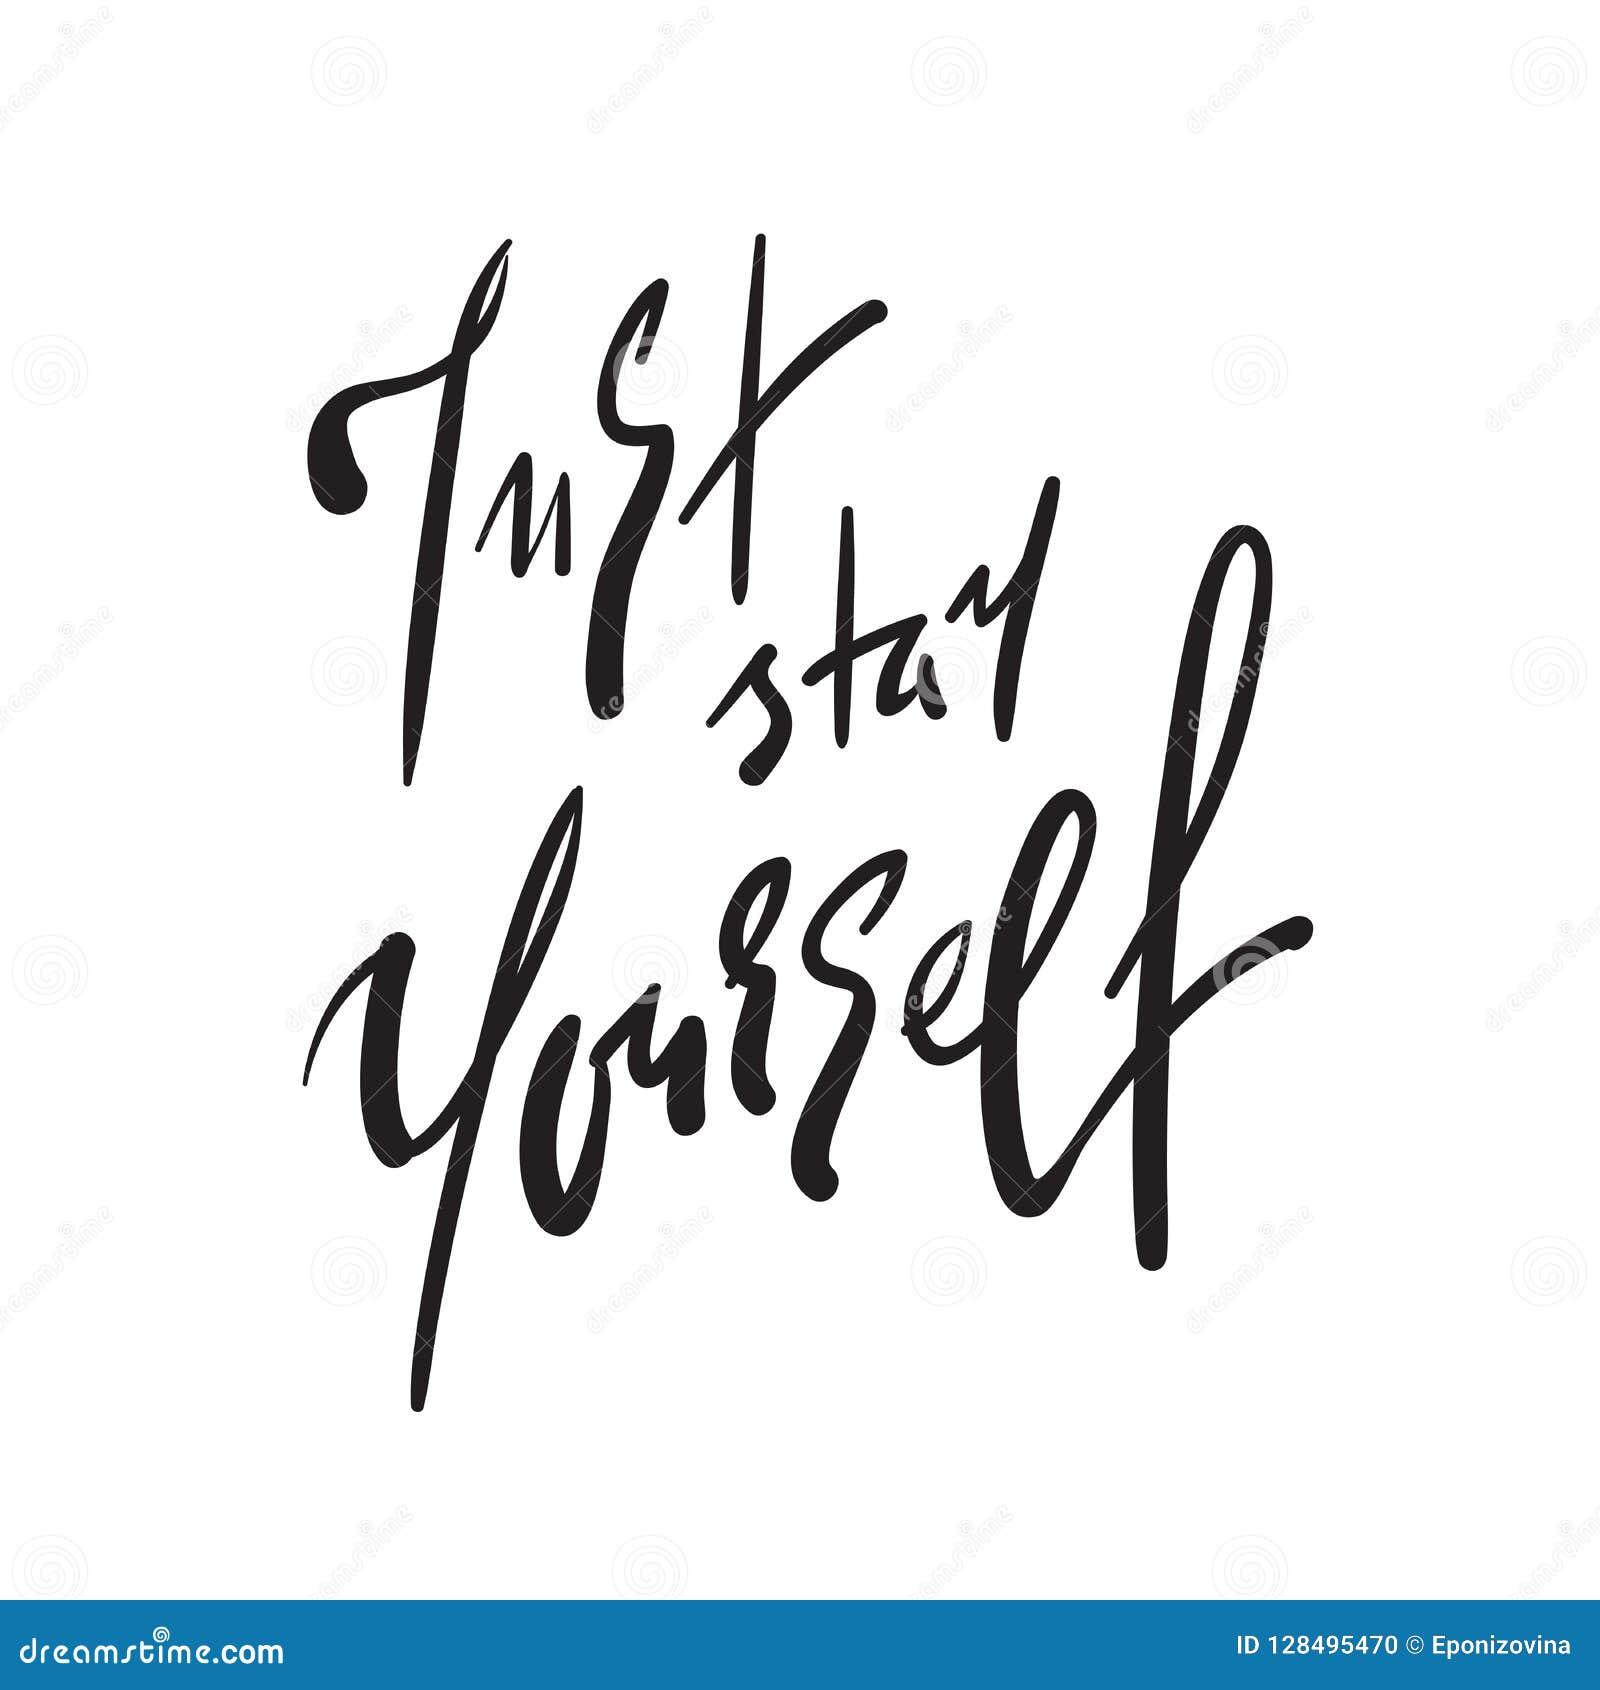 Apenas estancia usted mismo - simple inspire y cita de motivación Letras hermosas dibujadas mano Impresión para el cartel inspira